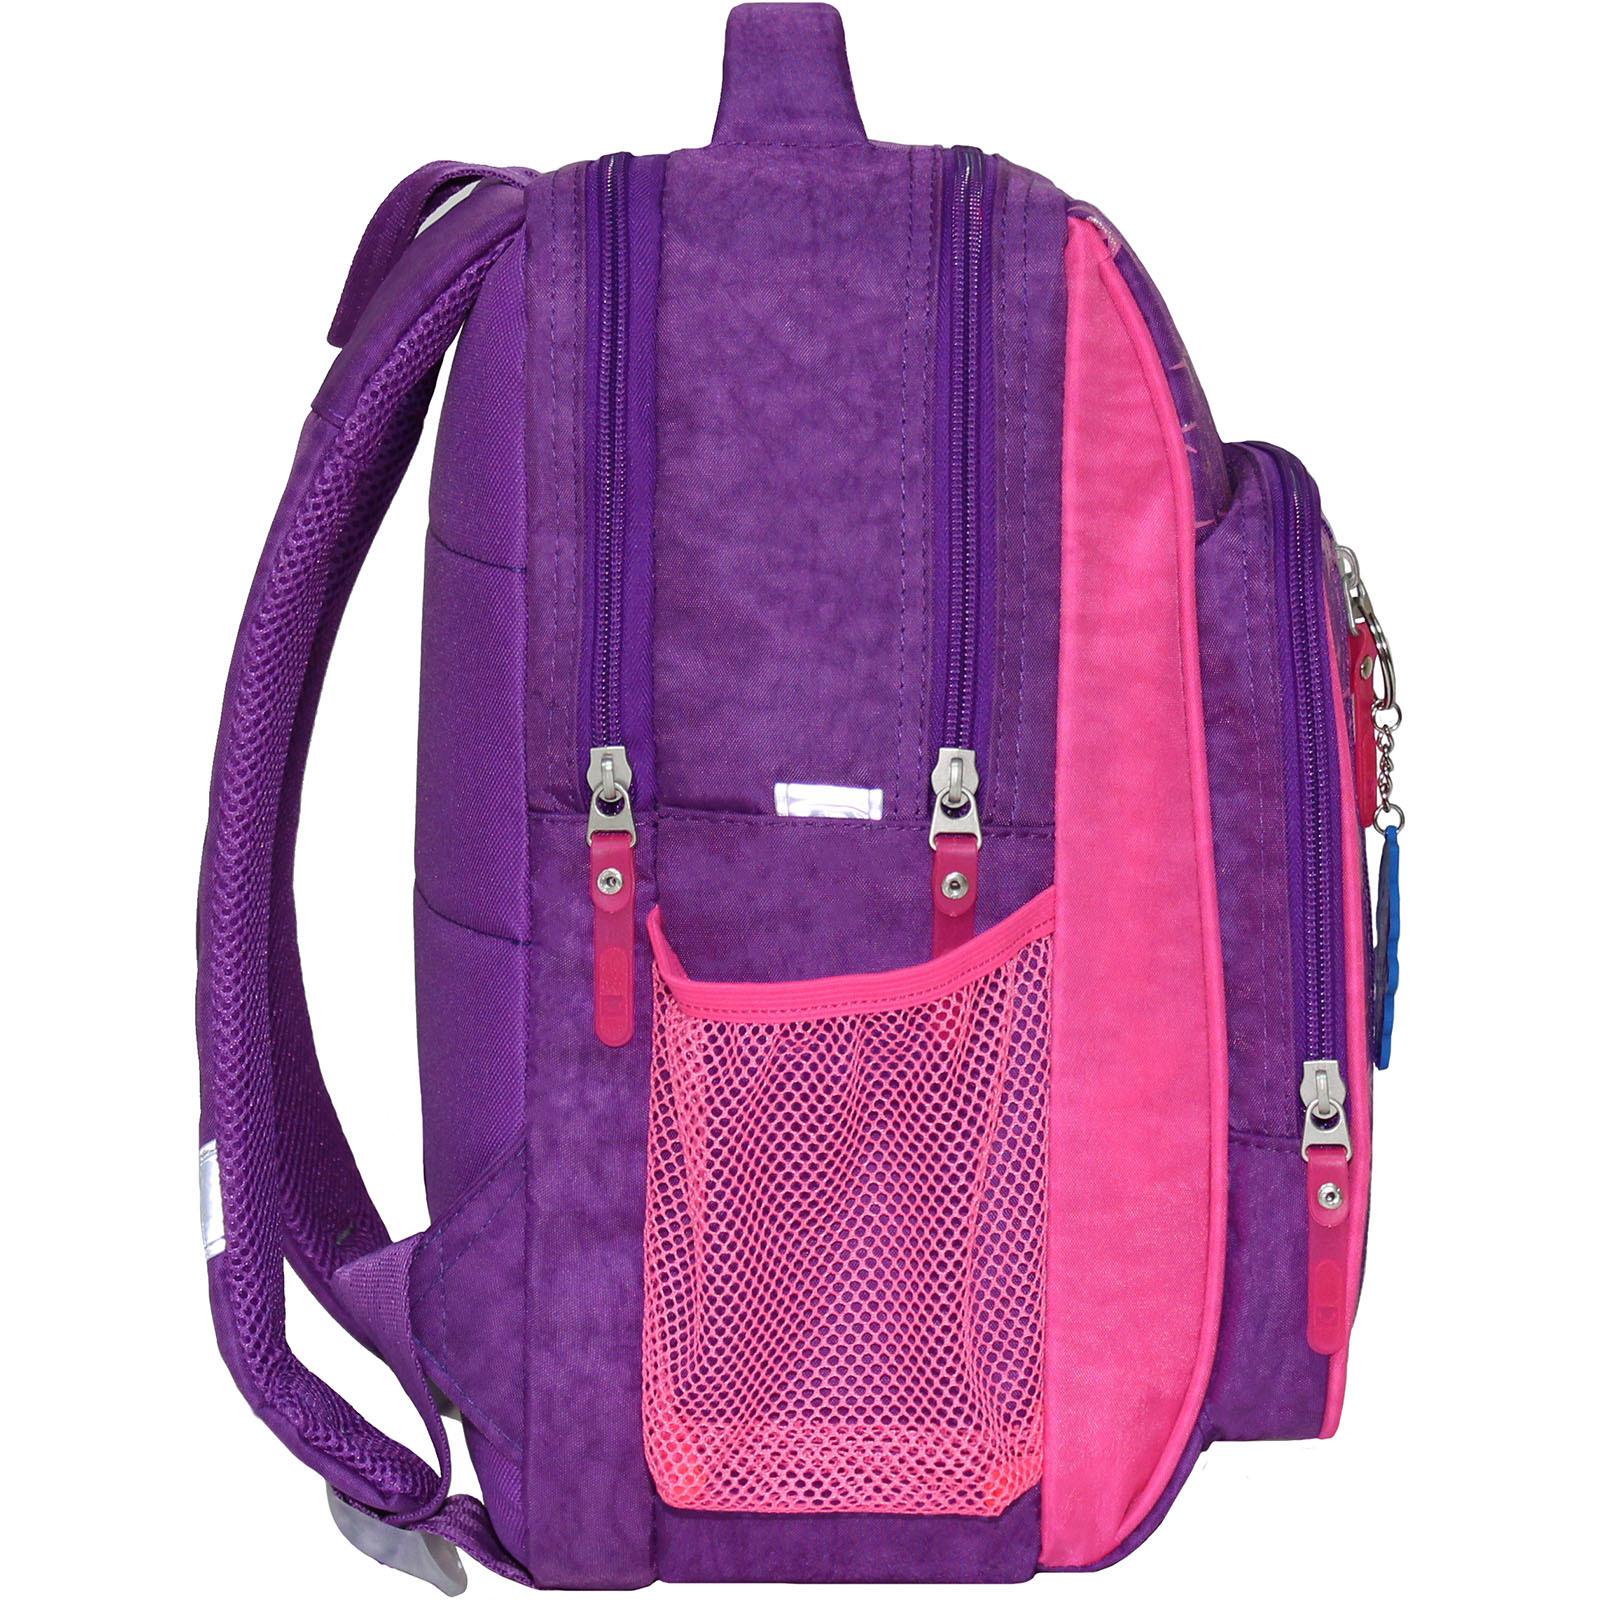 Рюкзак школьный Bagland Школьник 8 л. 339 фiолетовий 387 (00112702)